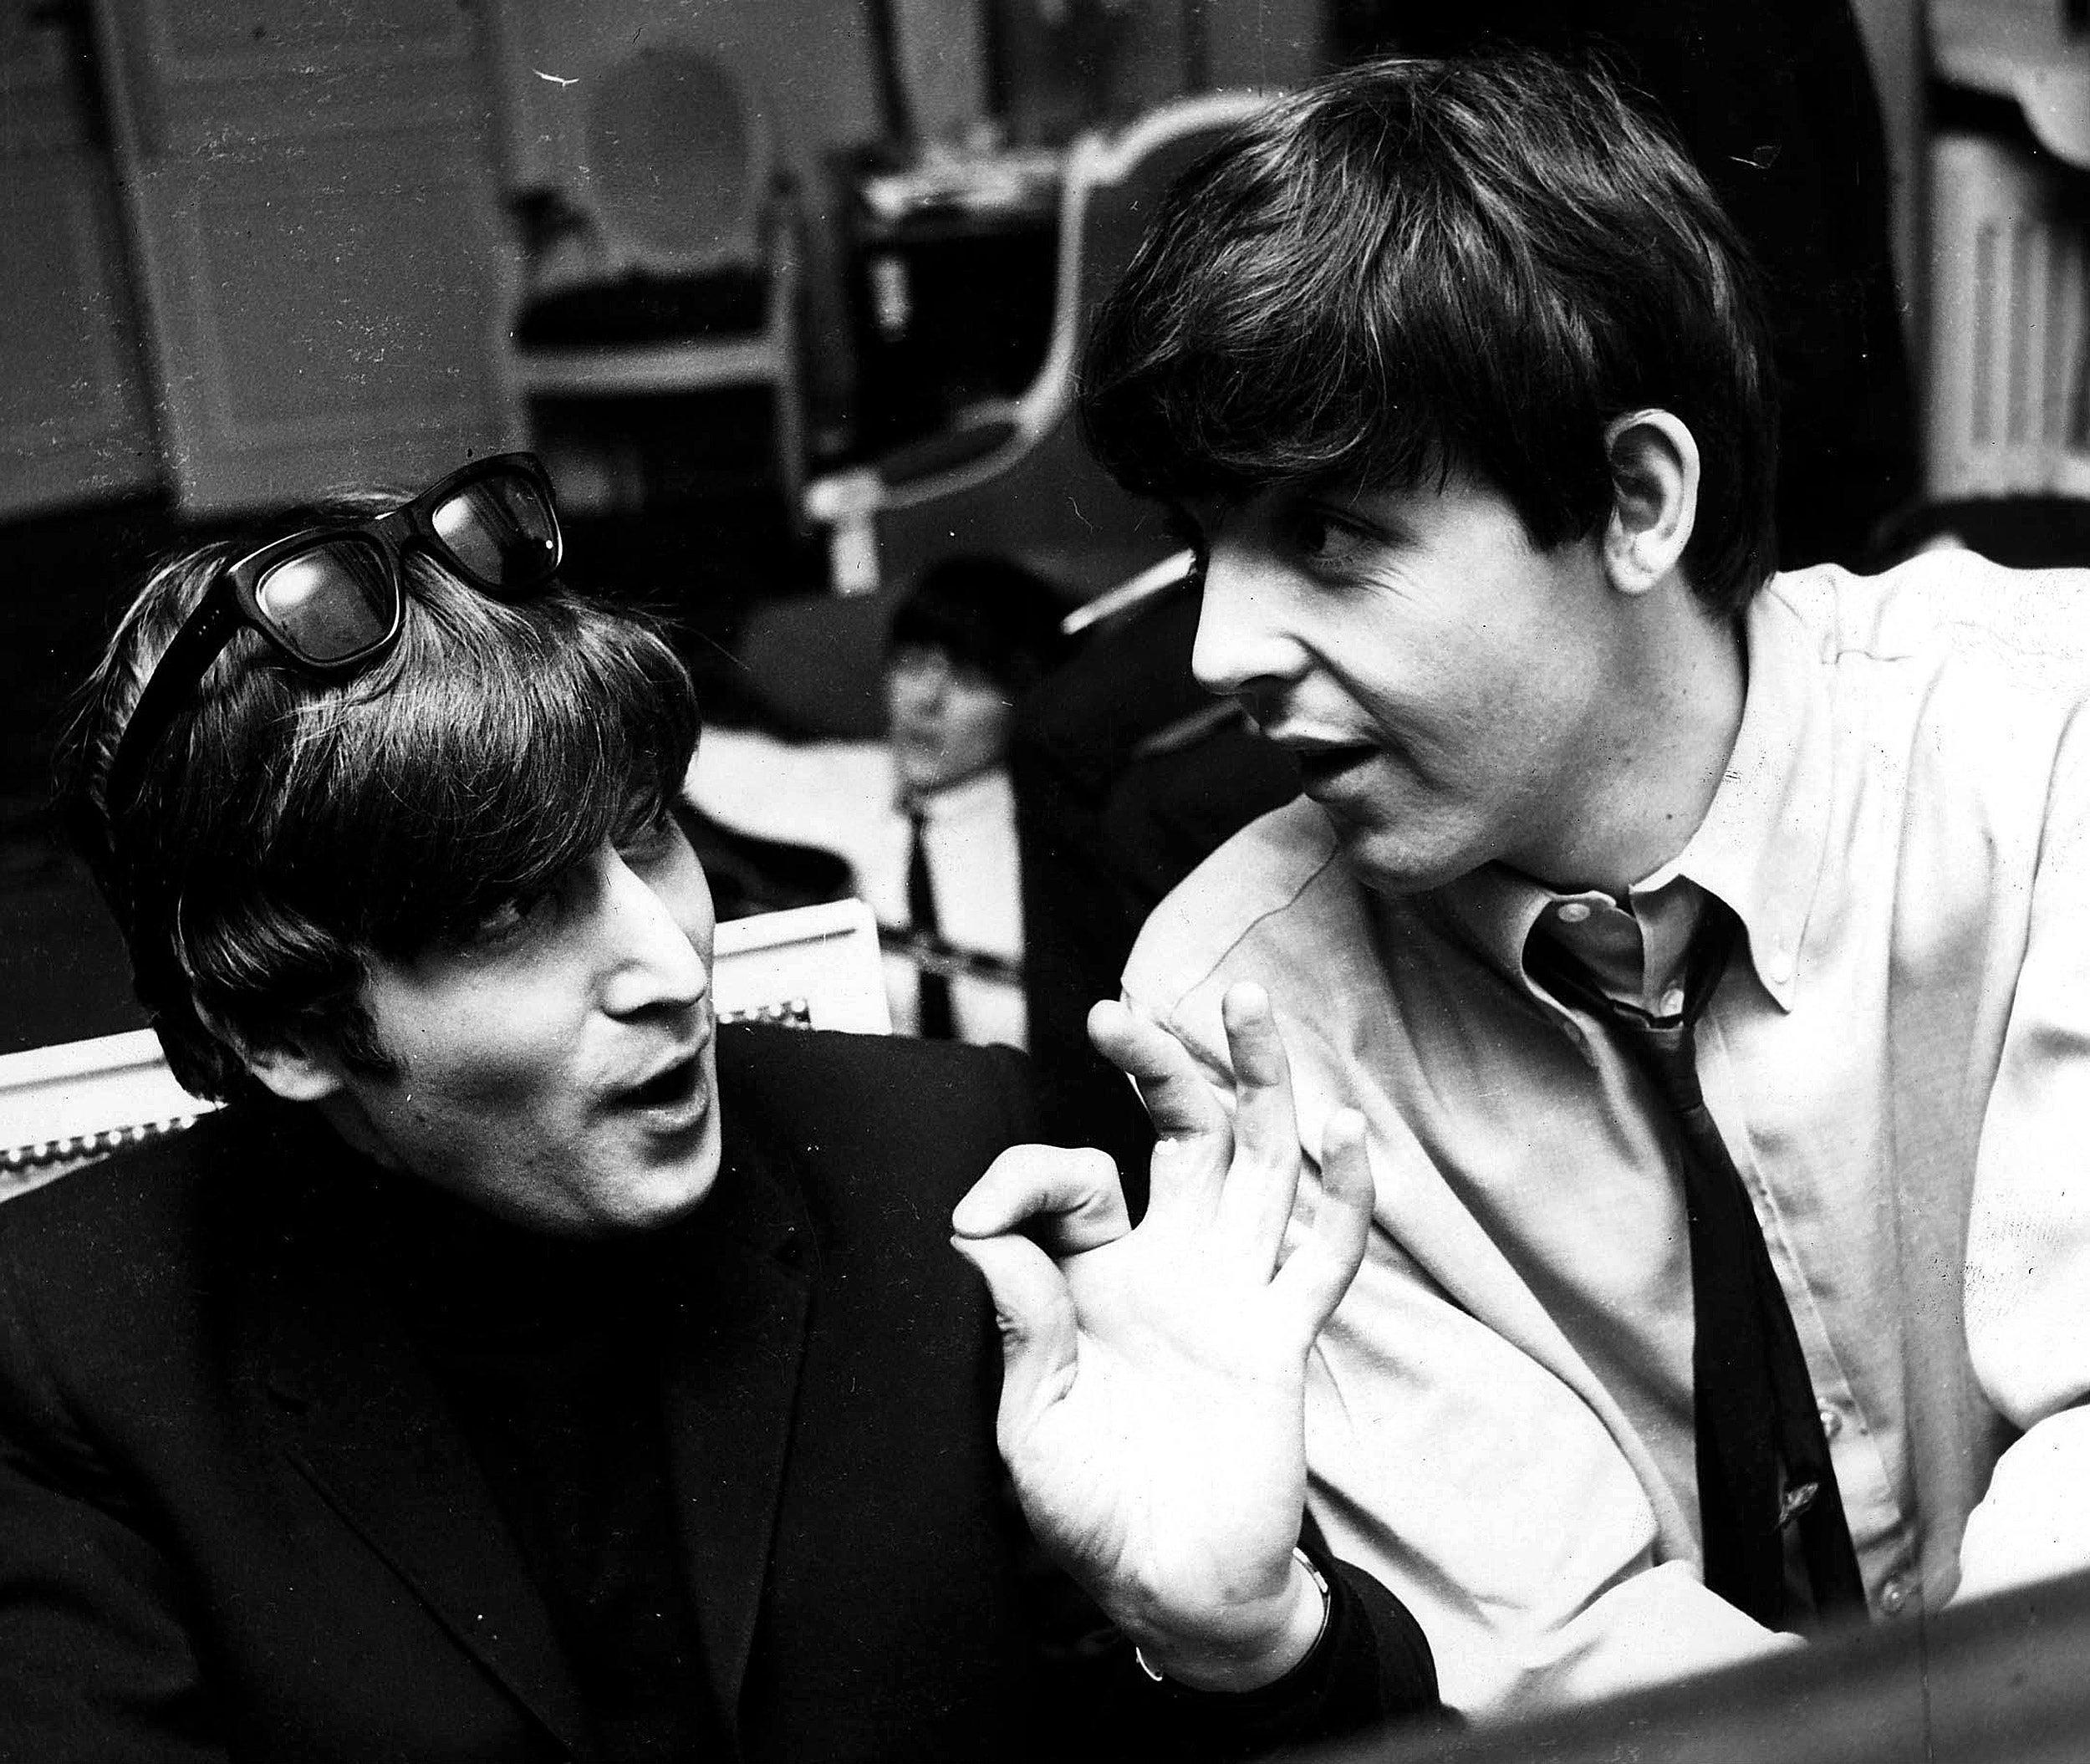 John Lennon and Paul McCartney.